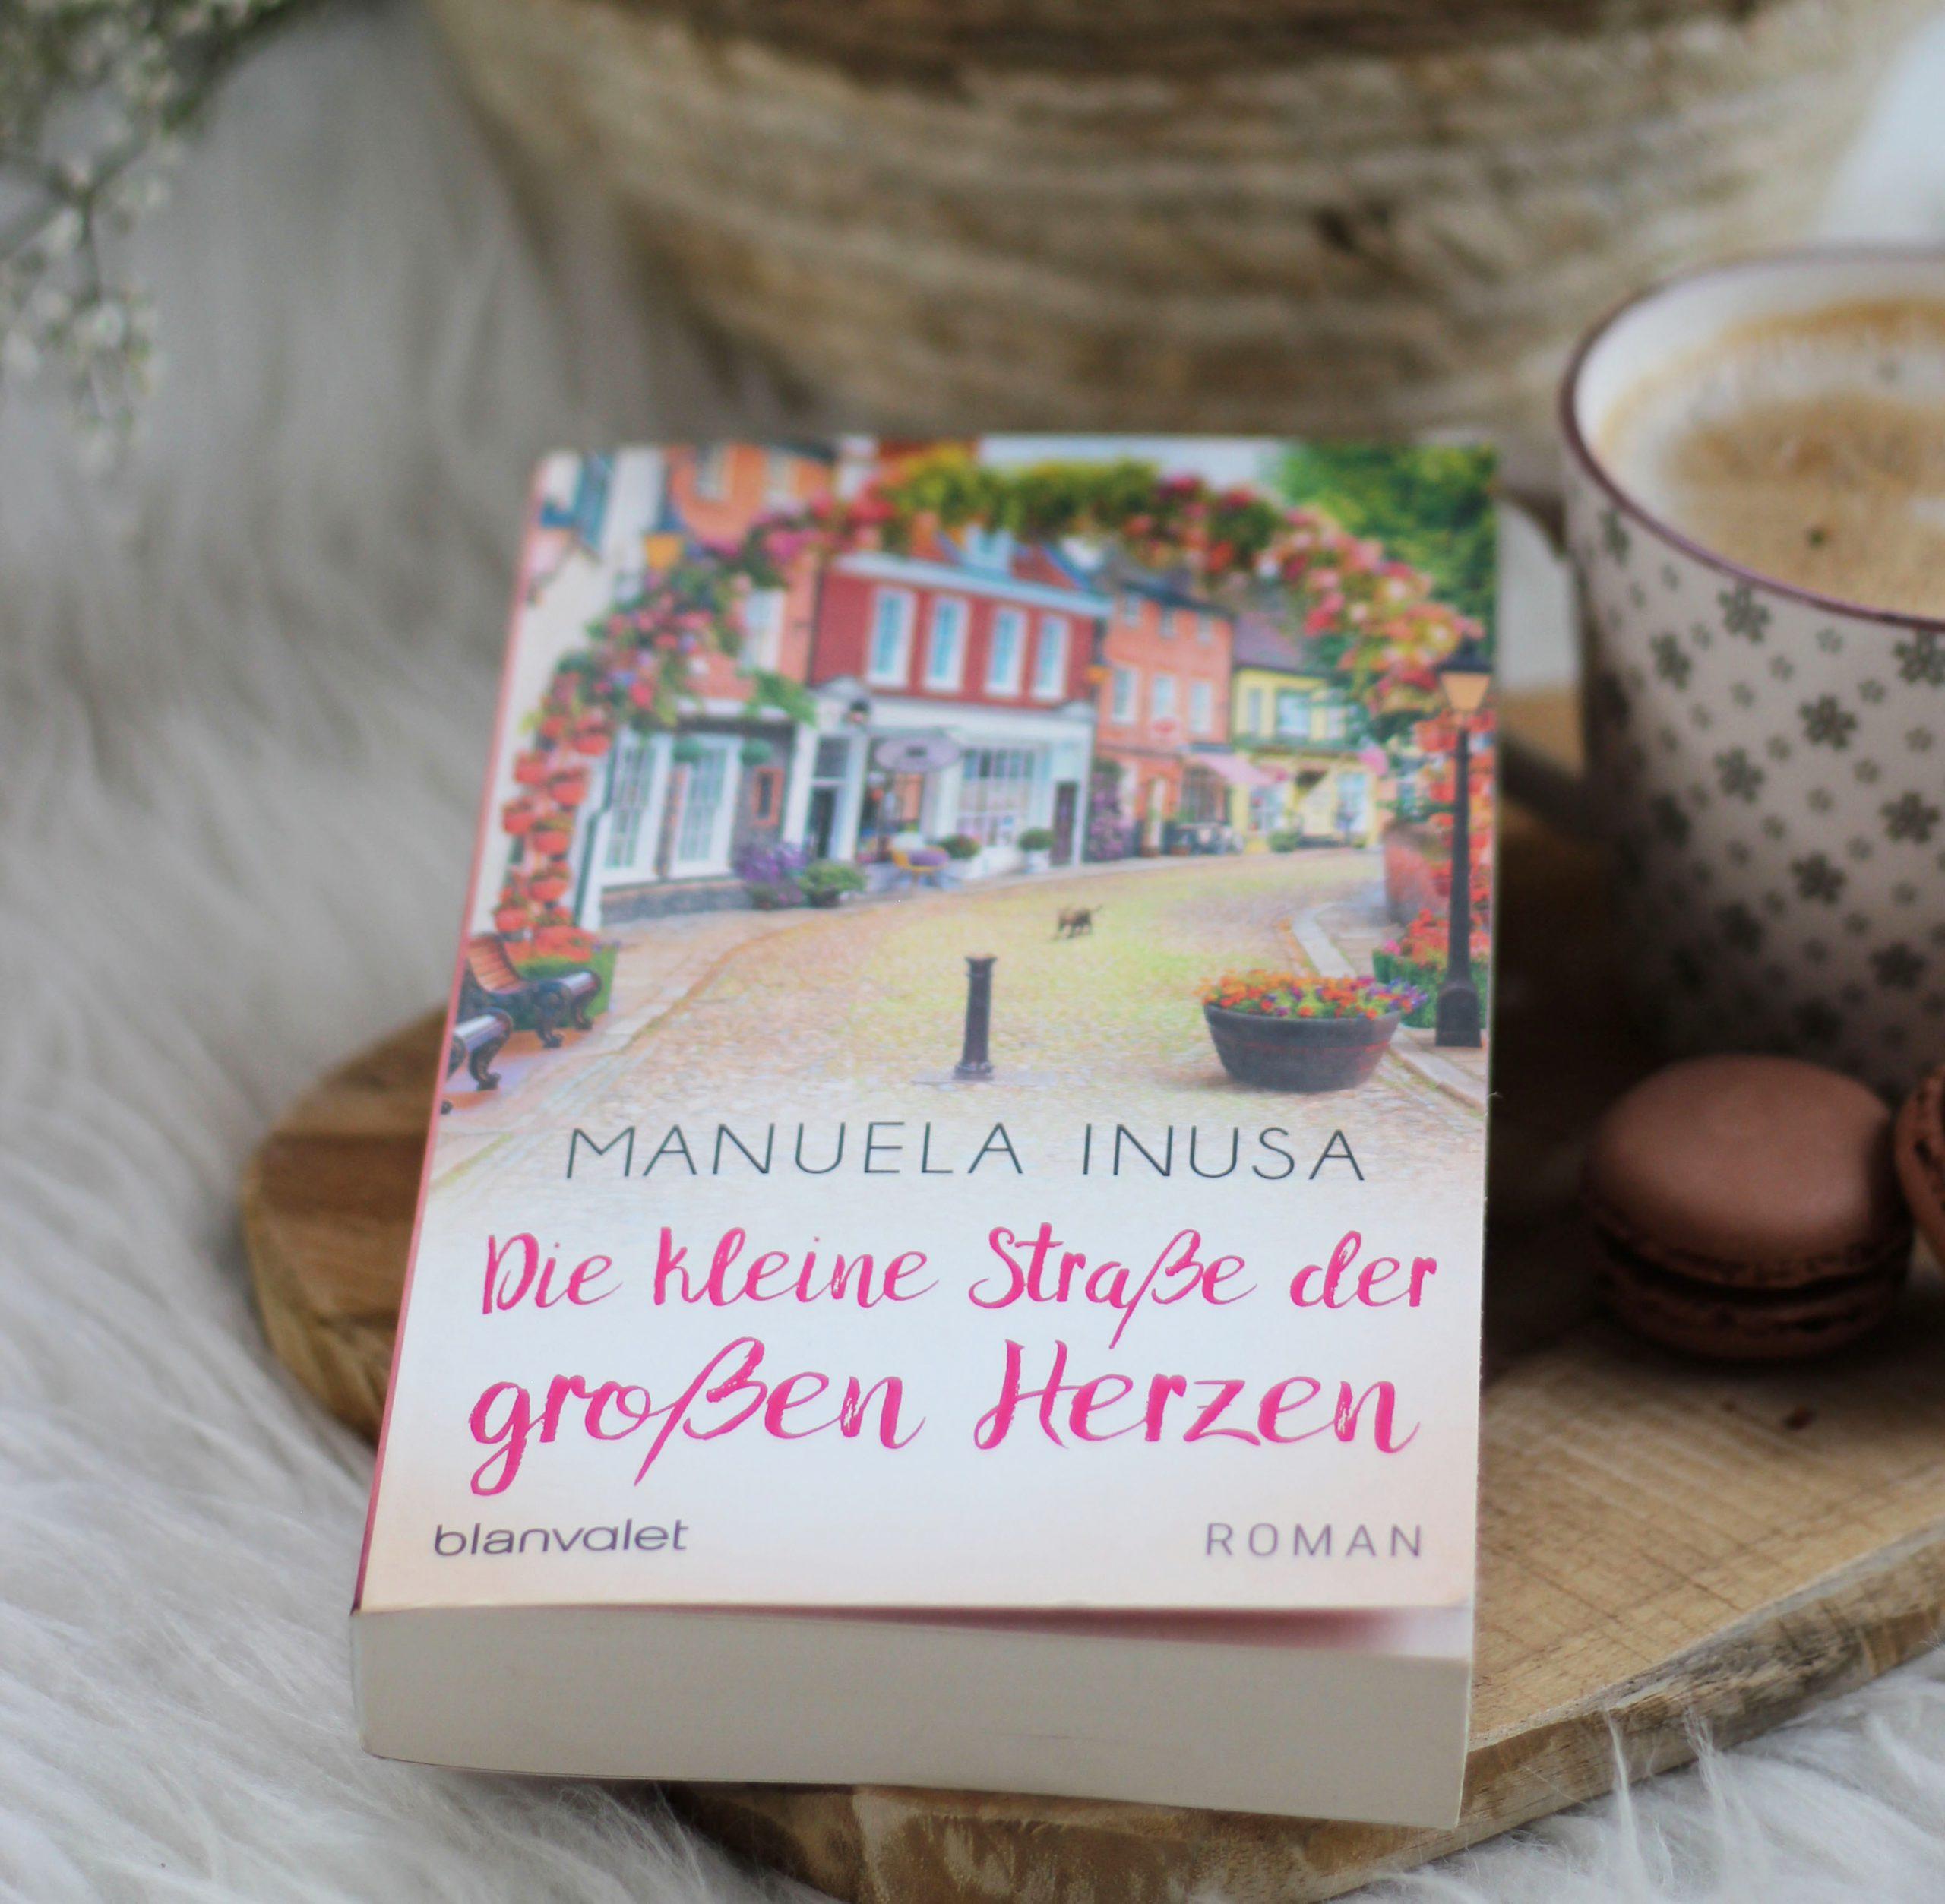 [All about the books] Manuela Inusa – Die kleine Straße der großen Herzen